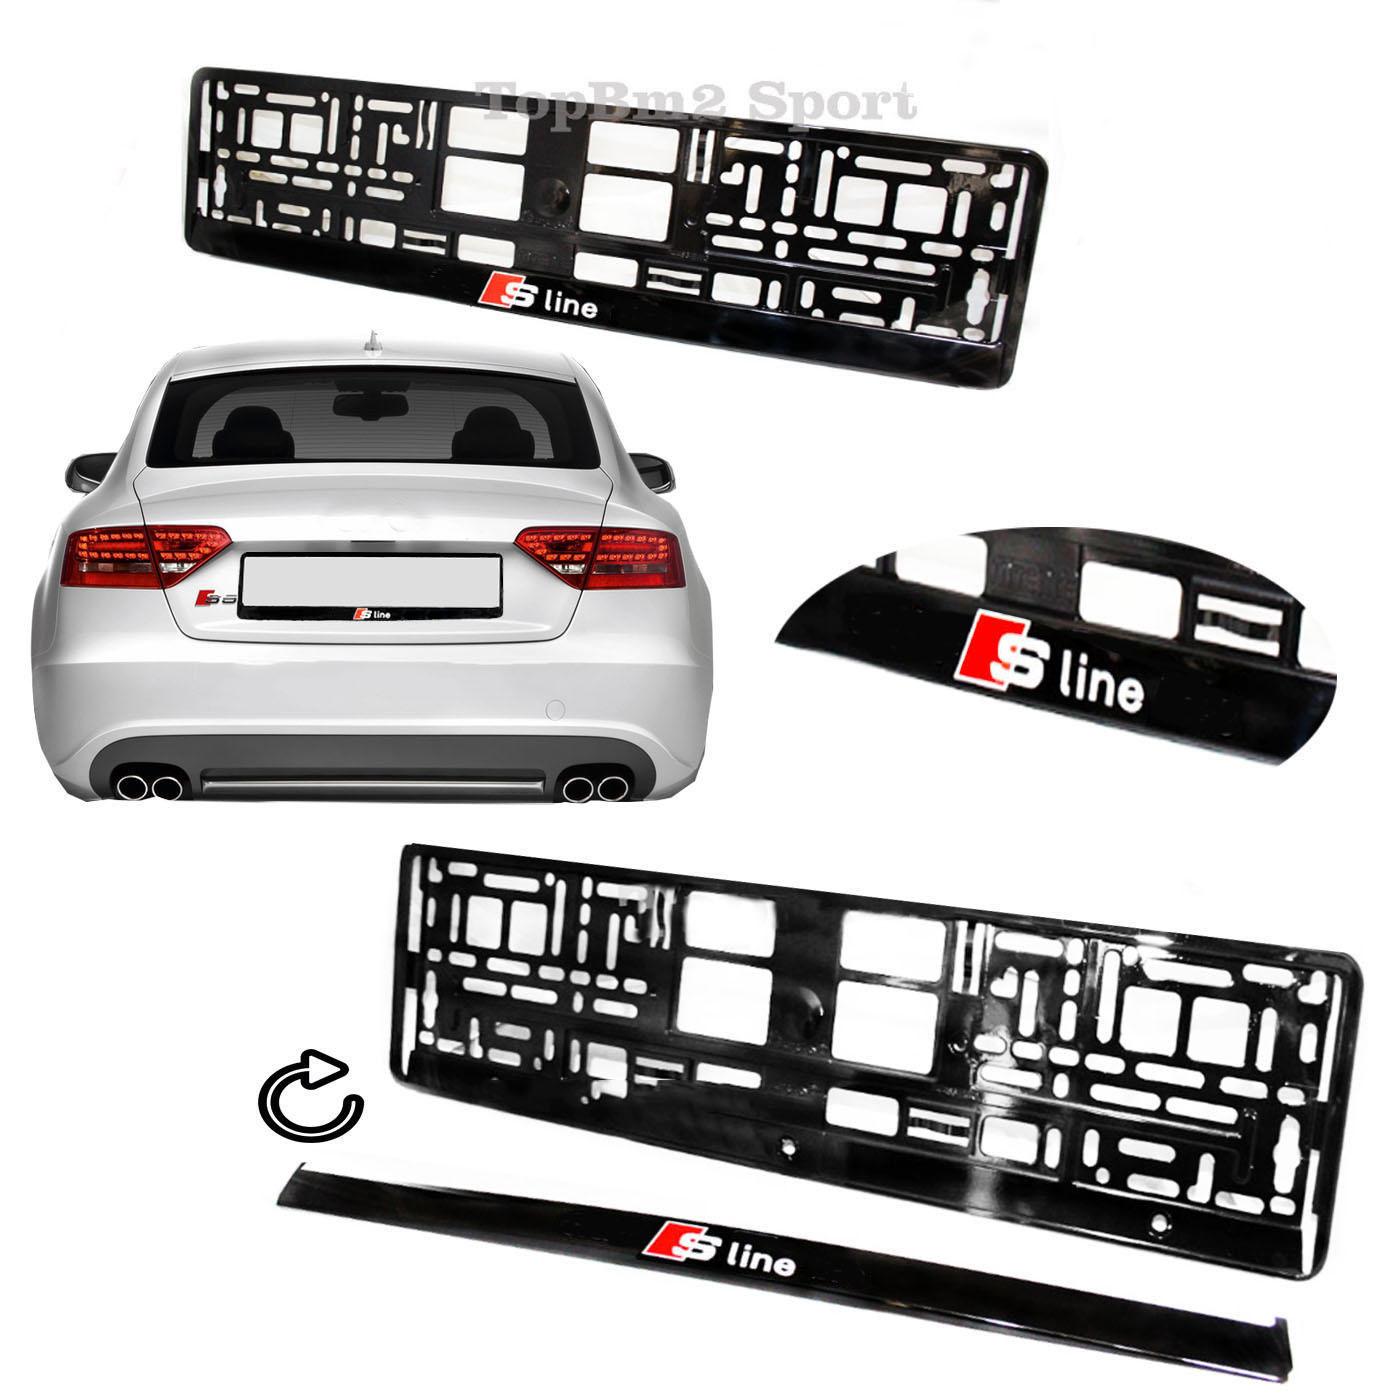 Kennzeichenhalter für Audi S-Line A1 A3 A4 A5 A6 Q2 Q3 Q5 Q7 TT ...